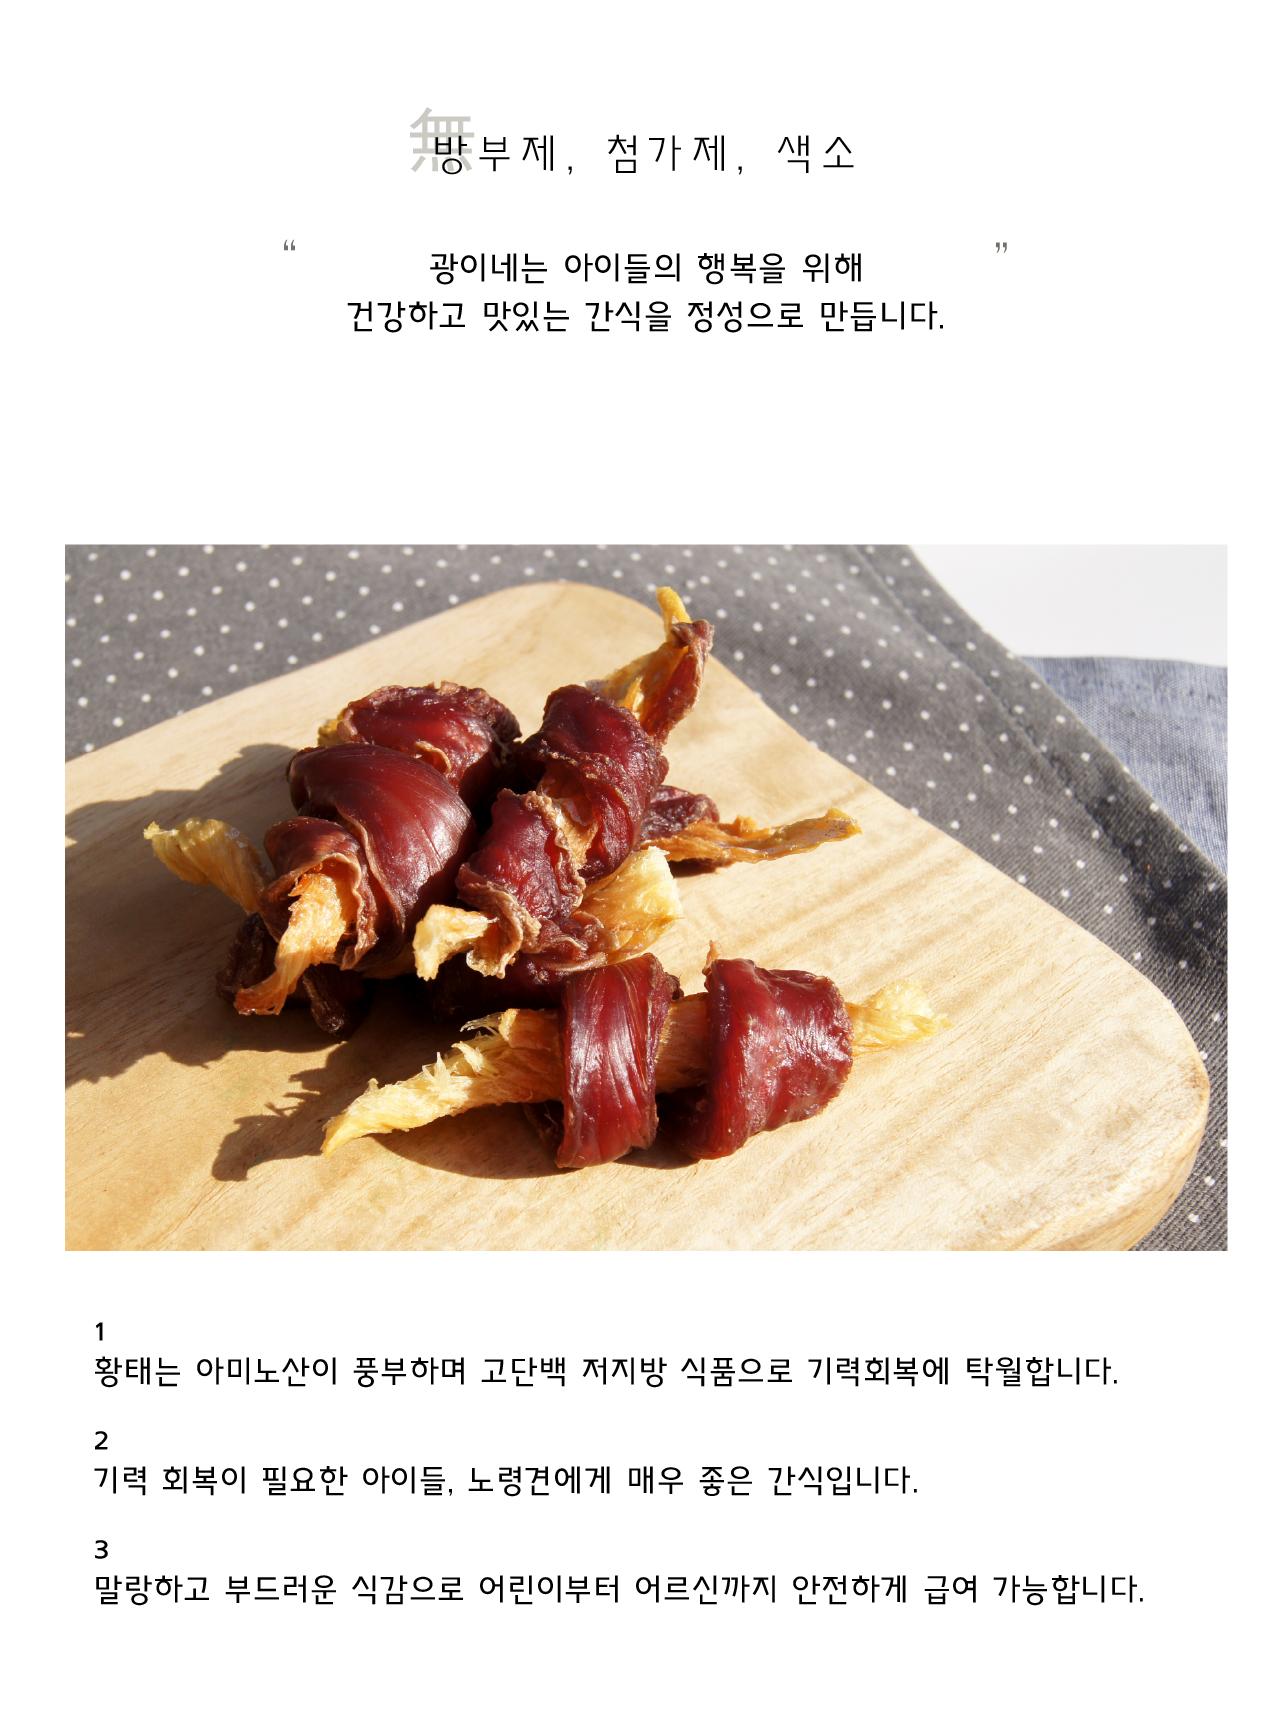 수제간식 오리황태돌돌이 - 행복한 광이네, 5,500원, 간식/영양제, 수제간식